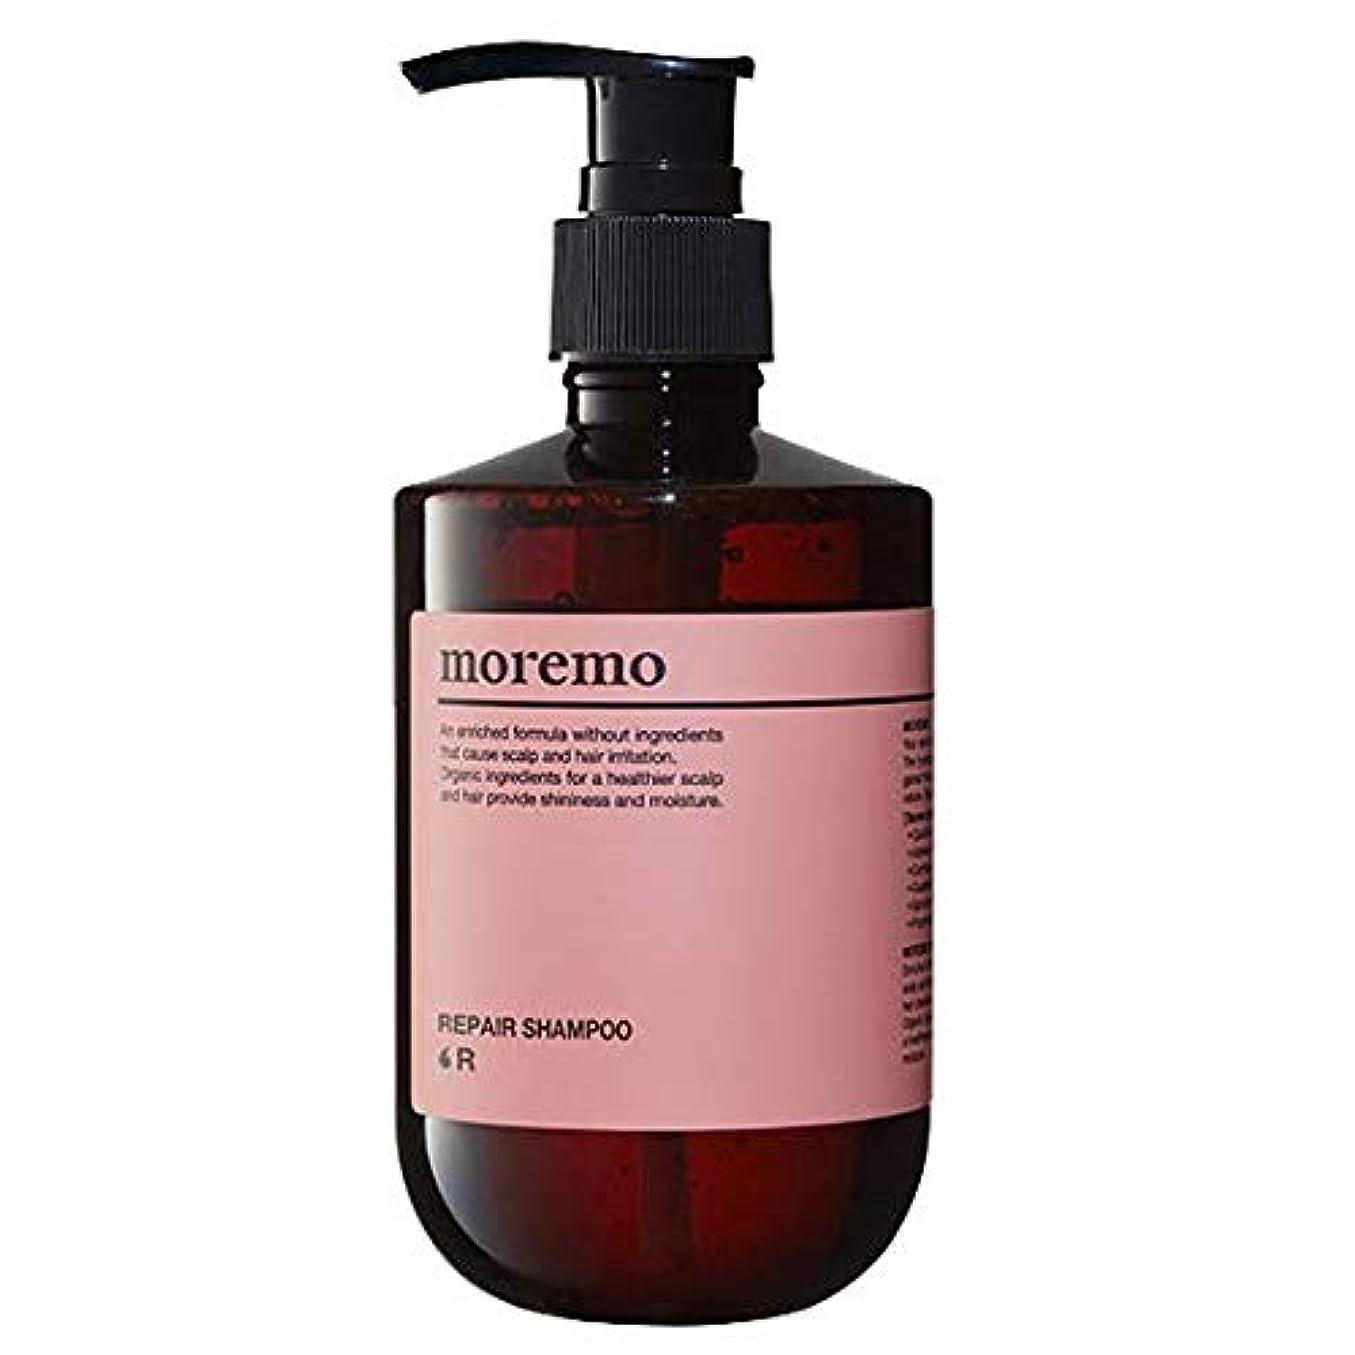 ジーンズ世辞妥協Moremo Repair Shampoo モレモ リペア シャンプー R 300ml [並行輸入品]